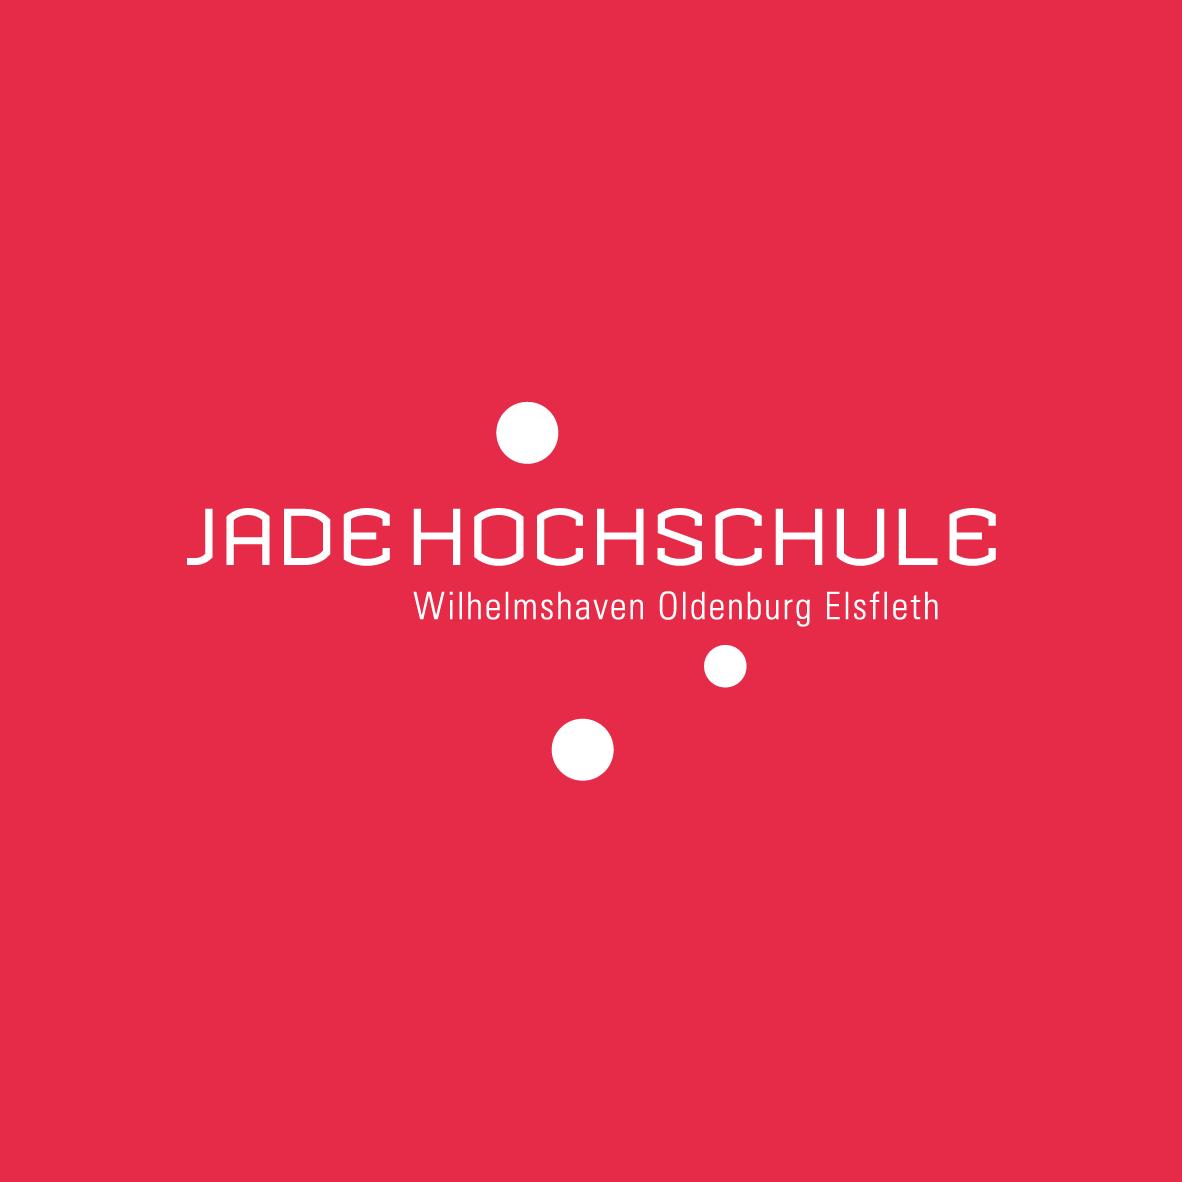 JADE HOCHSCHULE OLDENBURG